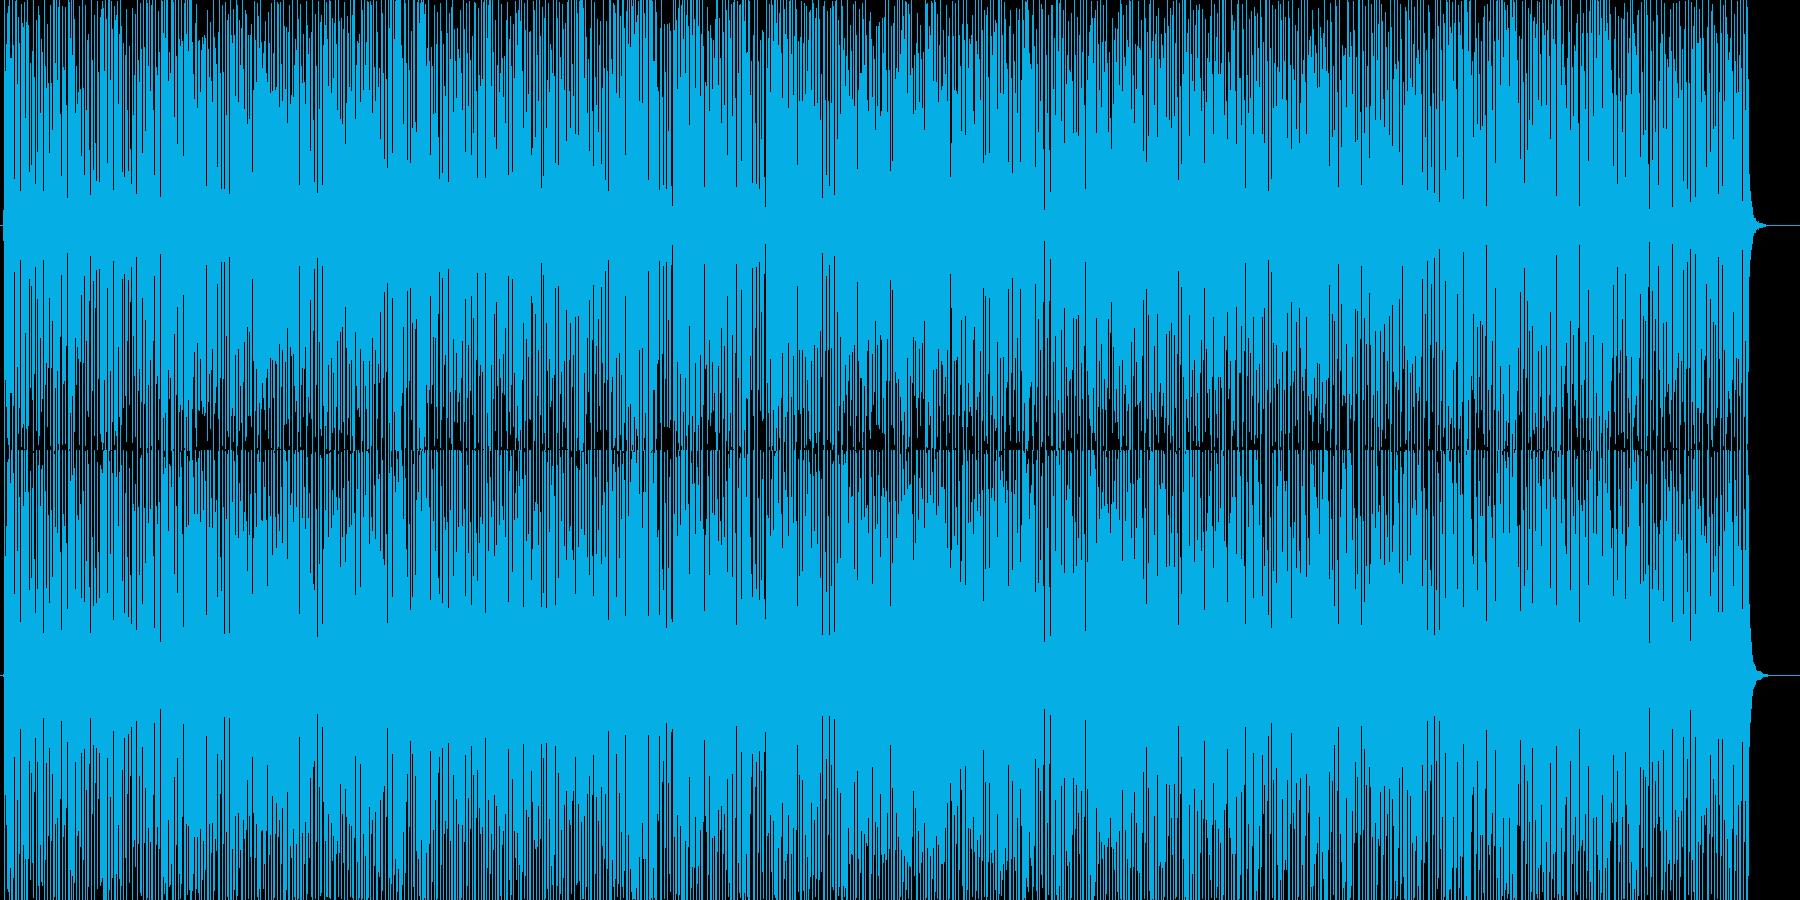 晴れの日のお散歩ポップ曲♬ハッピーな口笛の再生済みの波形